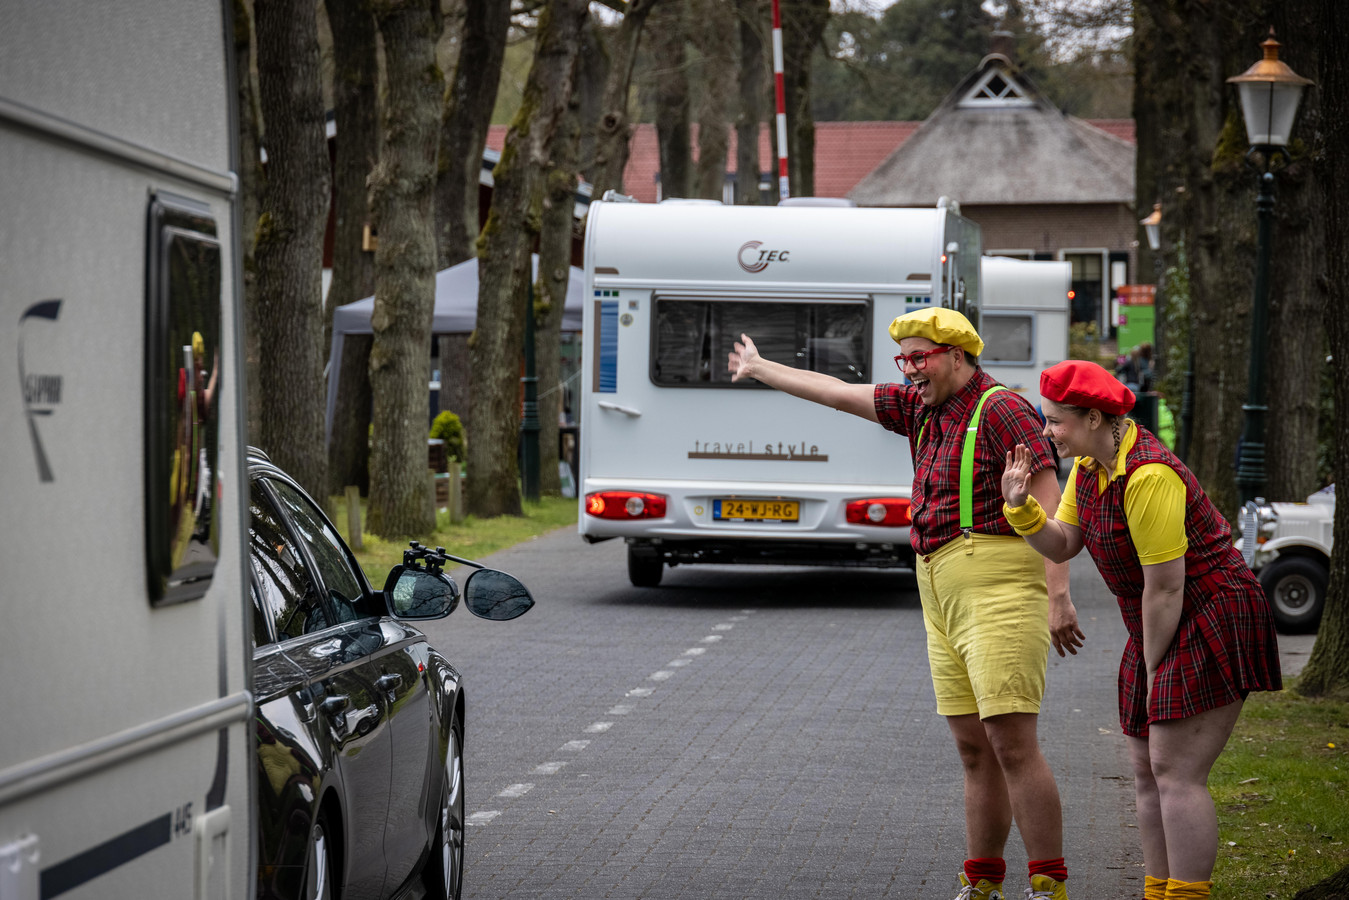 Drukte bij camping De Kleine Wolf in Stegeren tijdens de afgelopen meivakantie, waarbij ook een animatieteam werd ingezet.